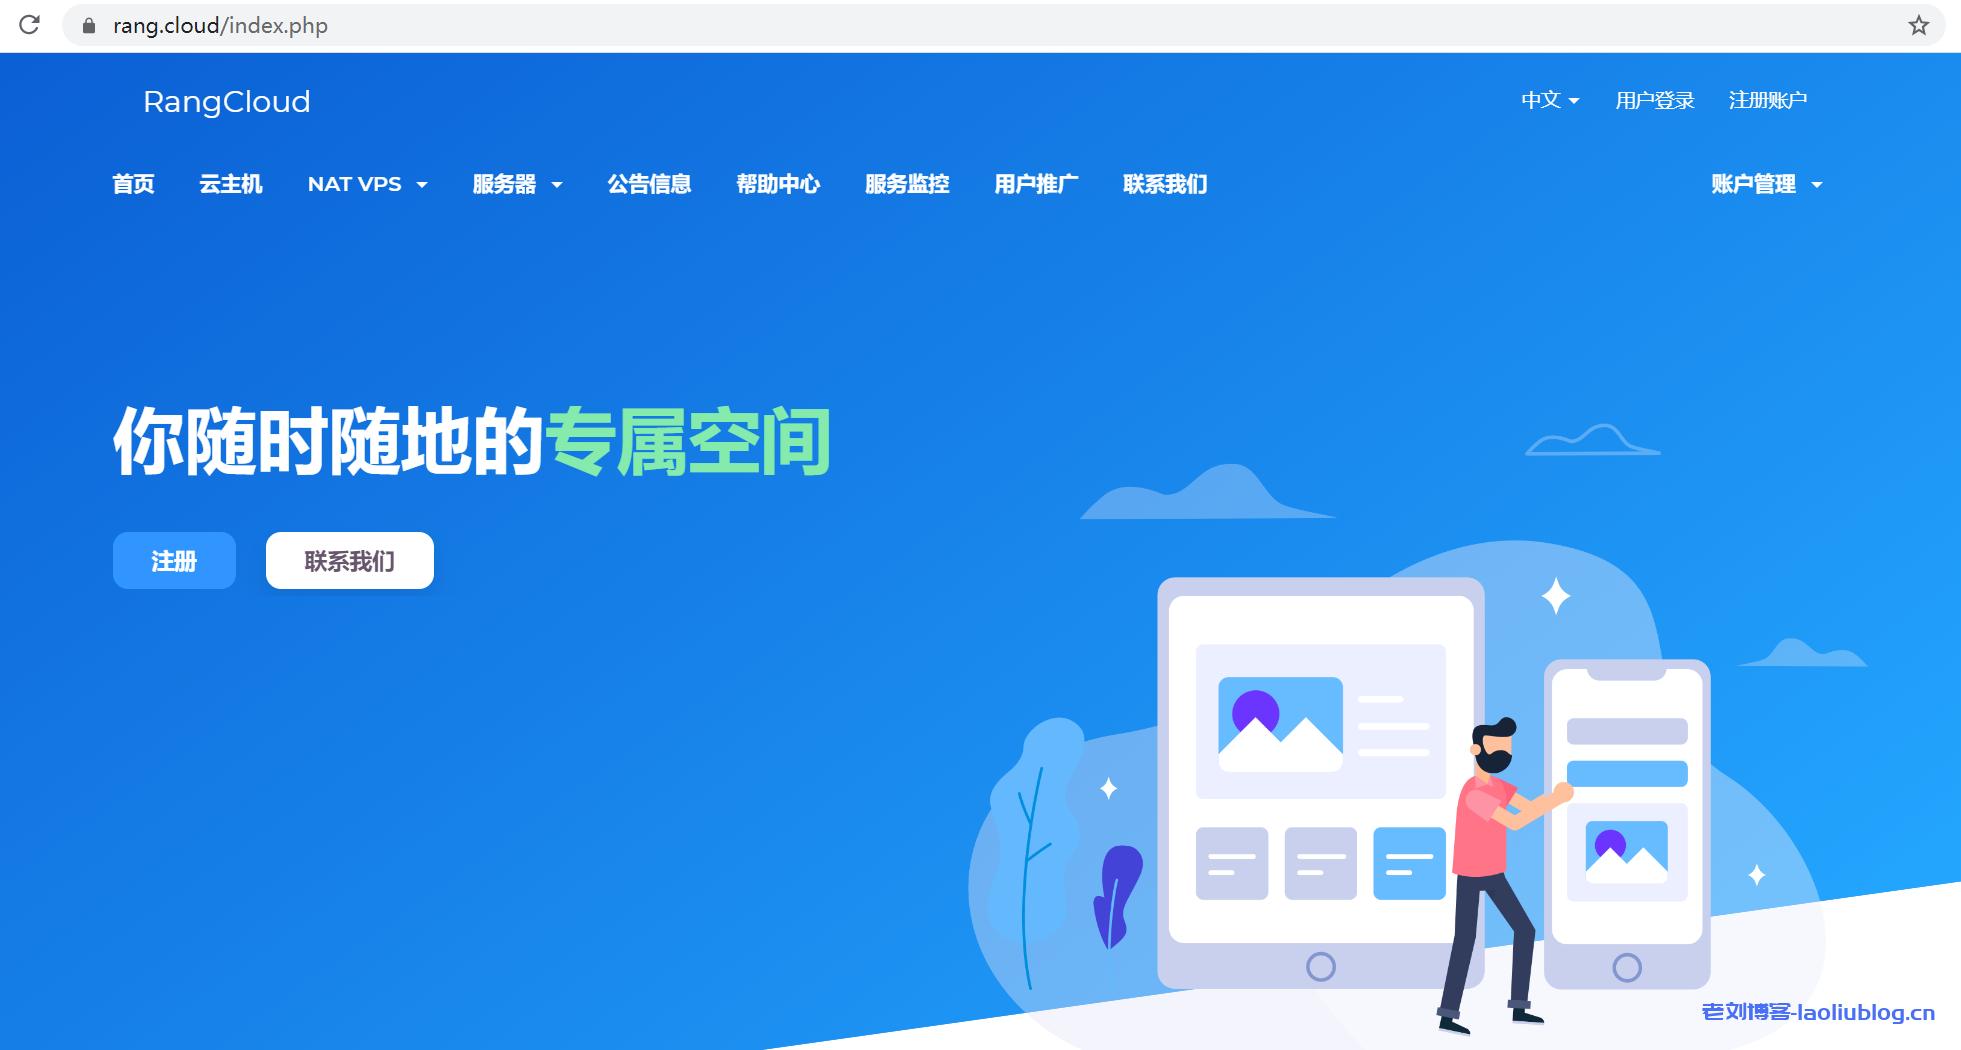 香港主机品牌RangCloud公司介绍及其经营产品概览